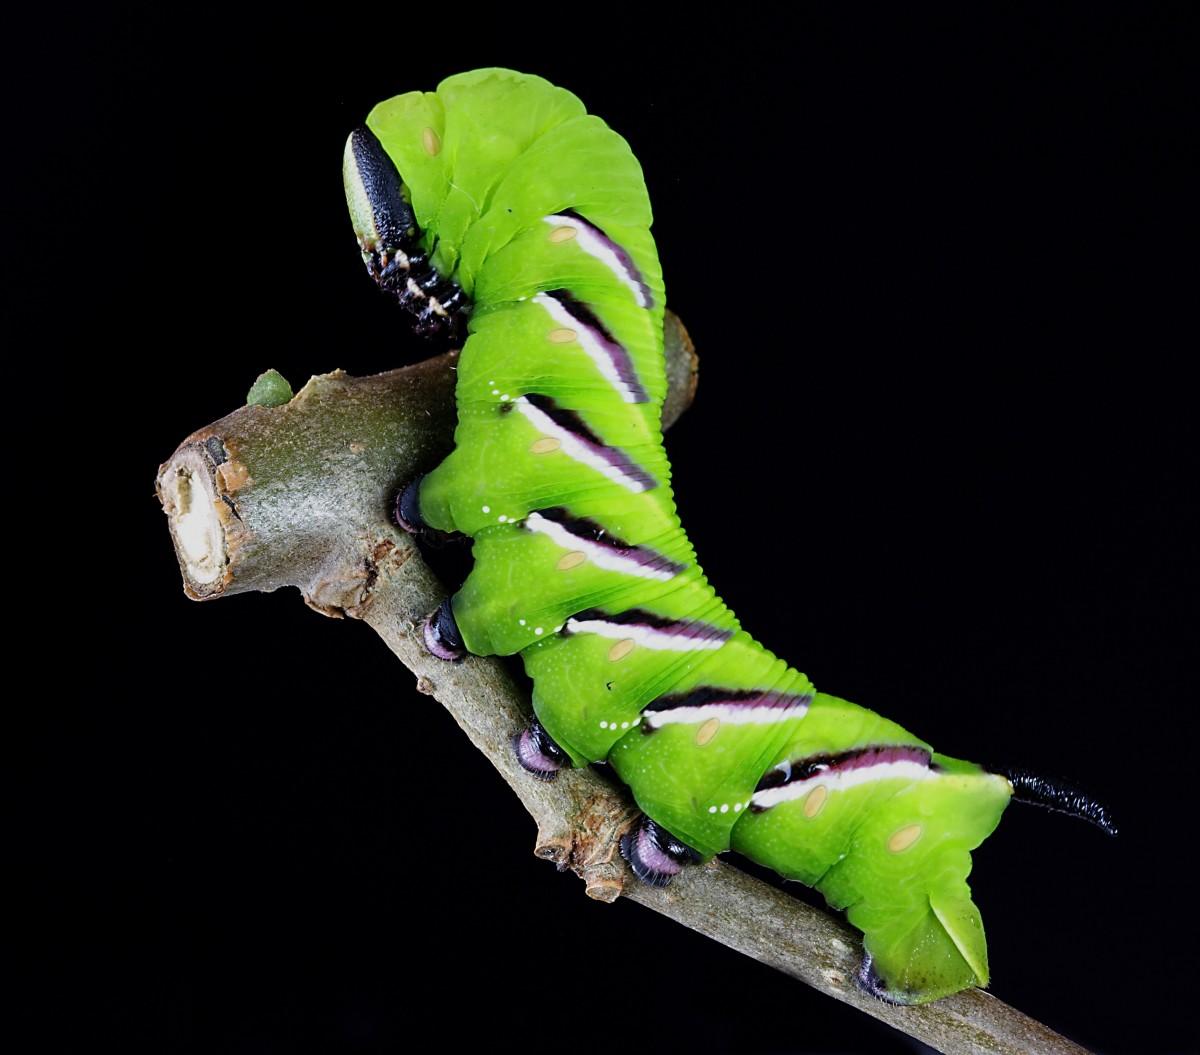 Images gratuites la nature vert insecte papillon de nuit jardin faune invert br - Insecte vert volant ...